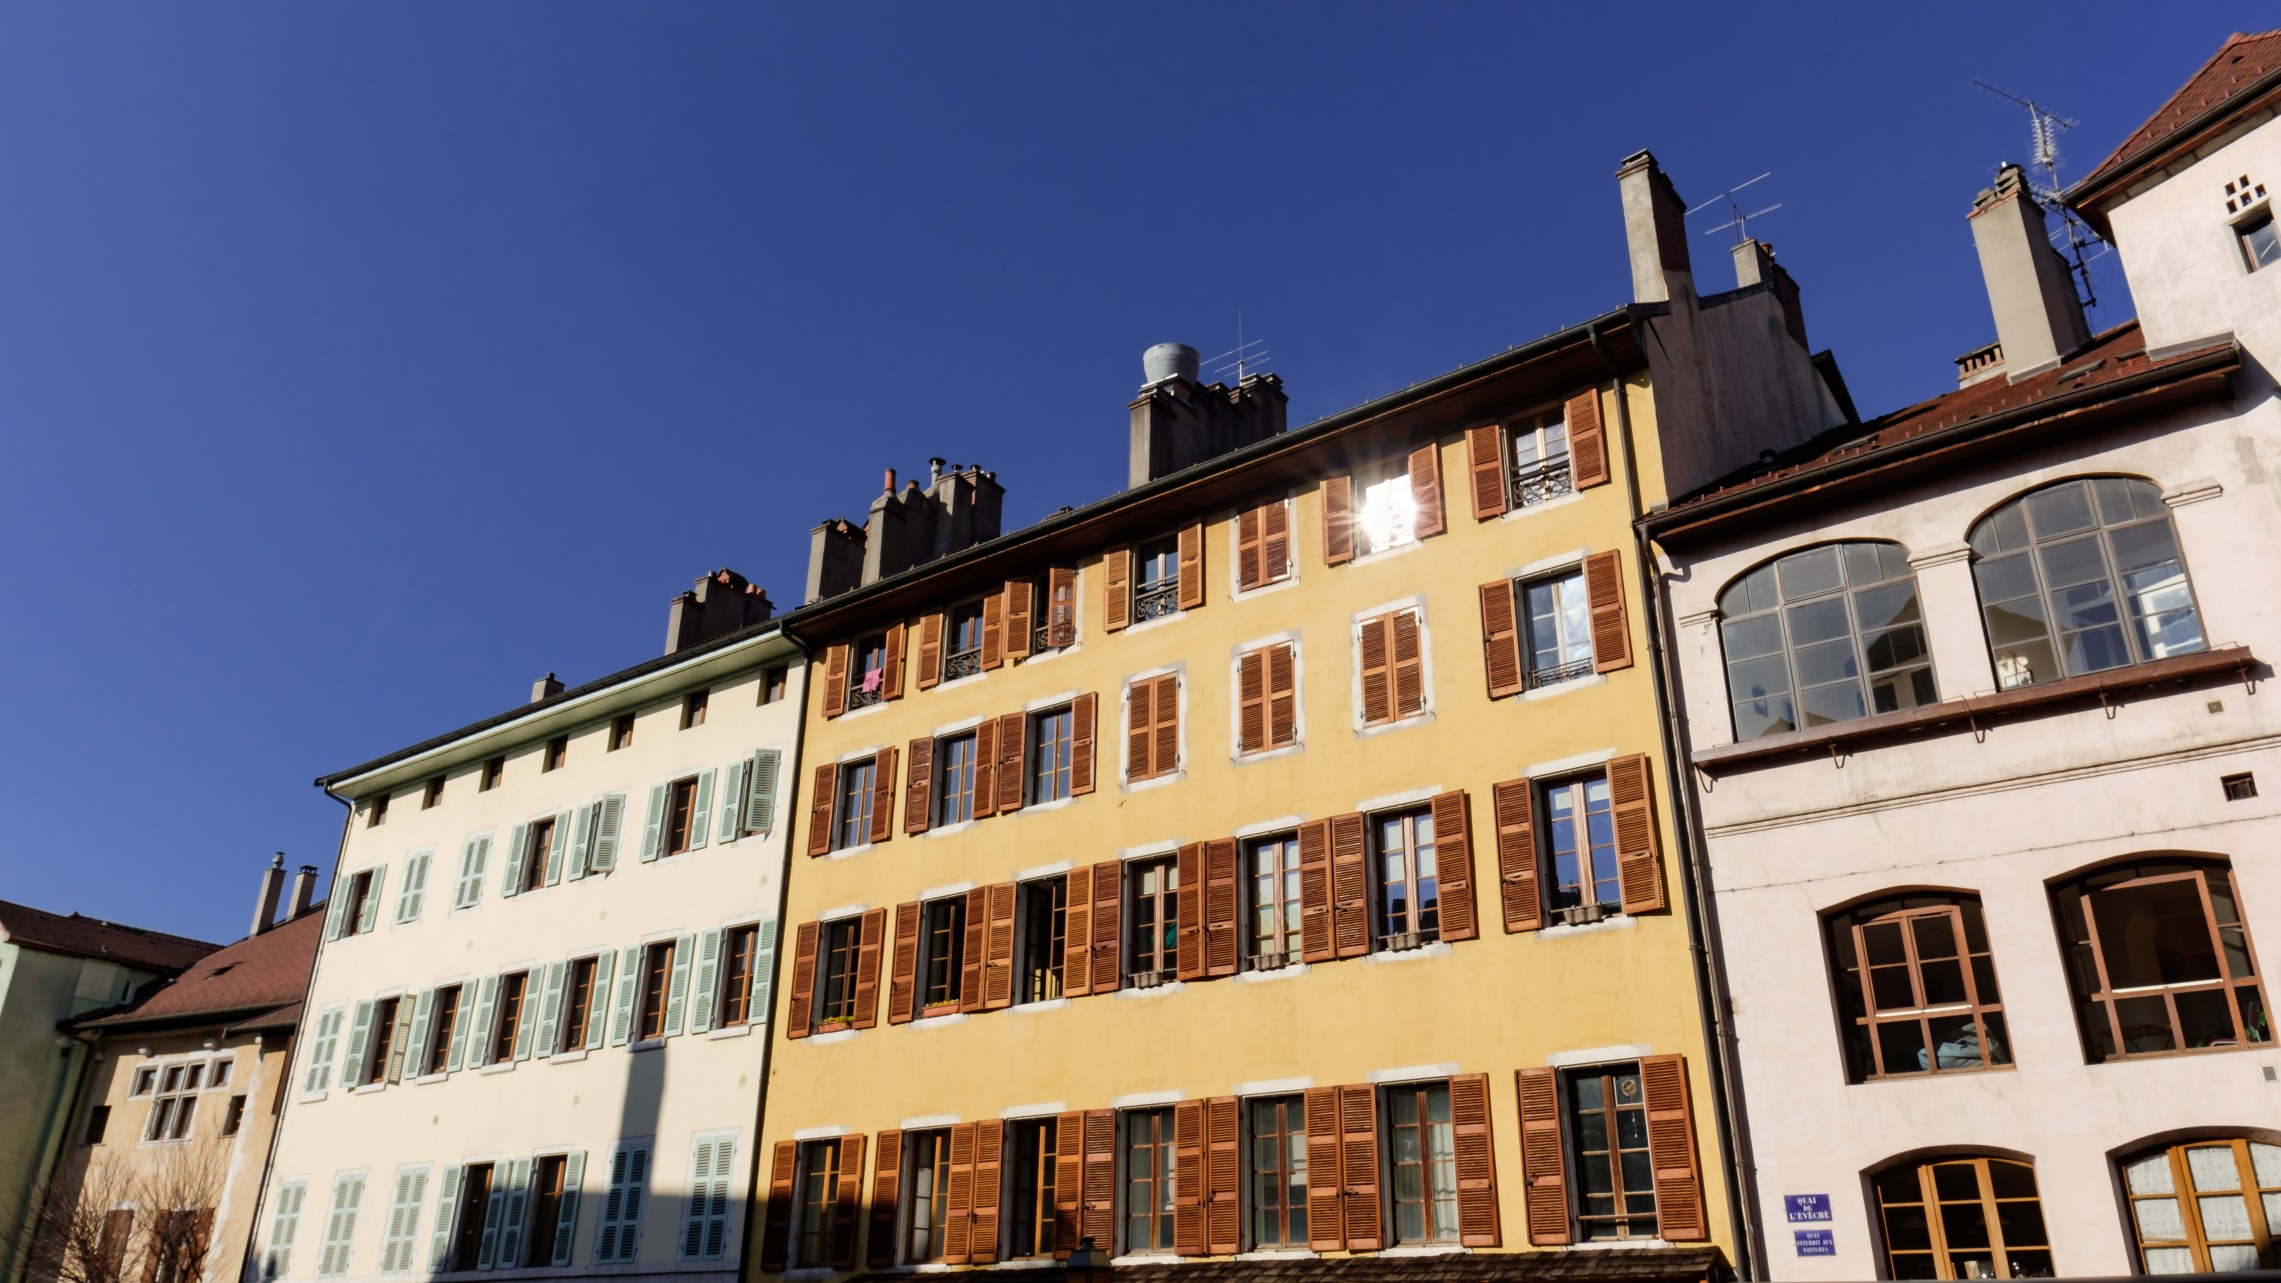 Annecy colorée